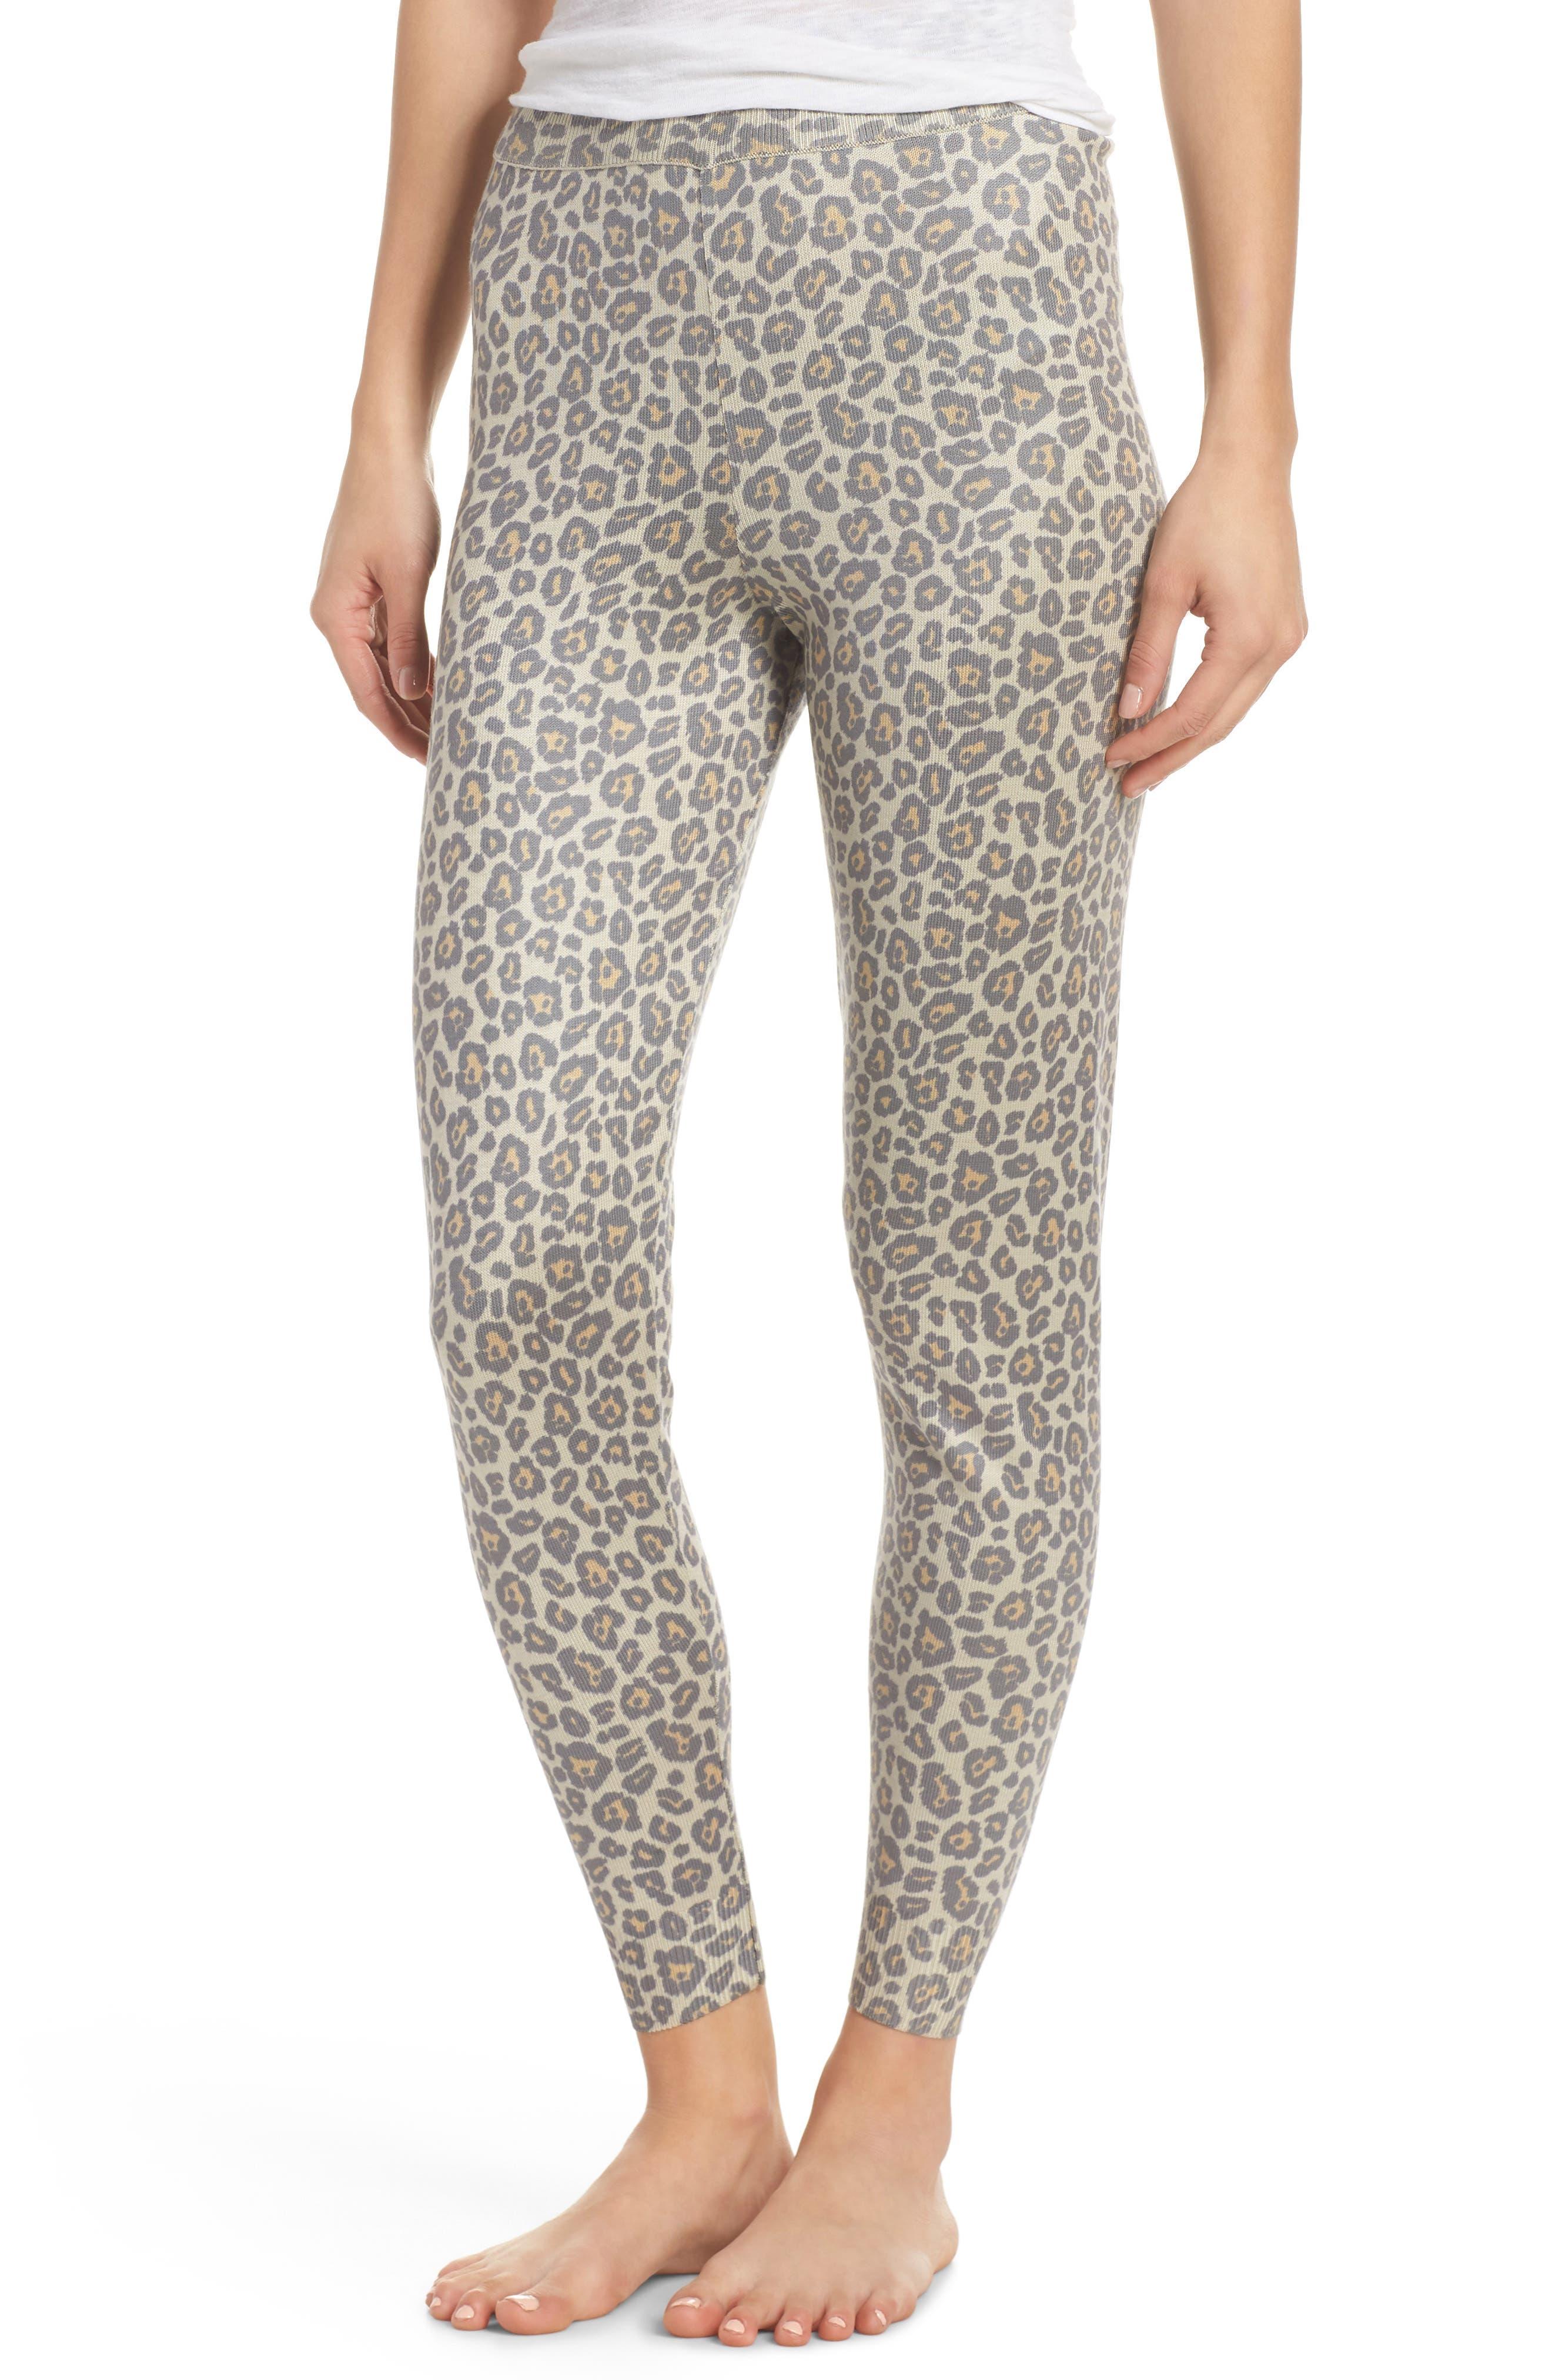 Leopard Knit Lounge Pant,                             Main thumbnail 1, color,                             BEIGE LEOPARD